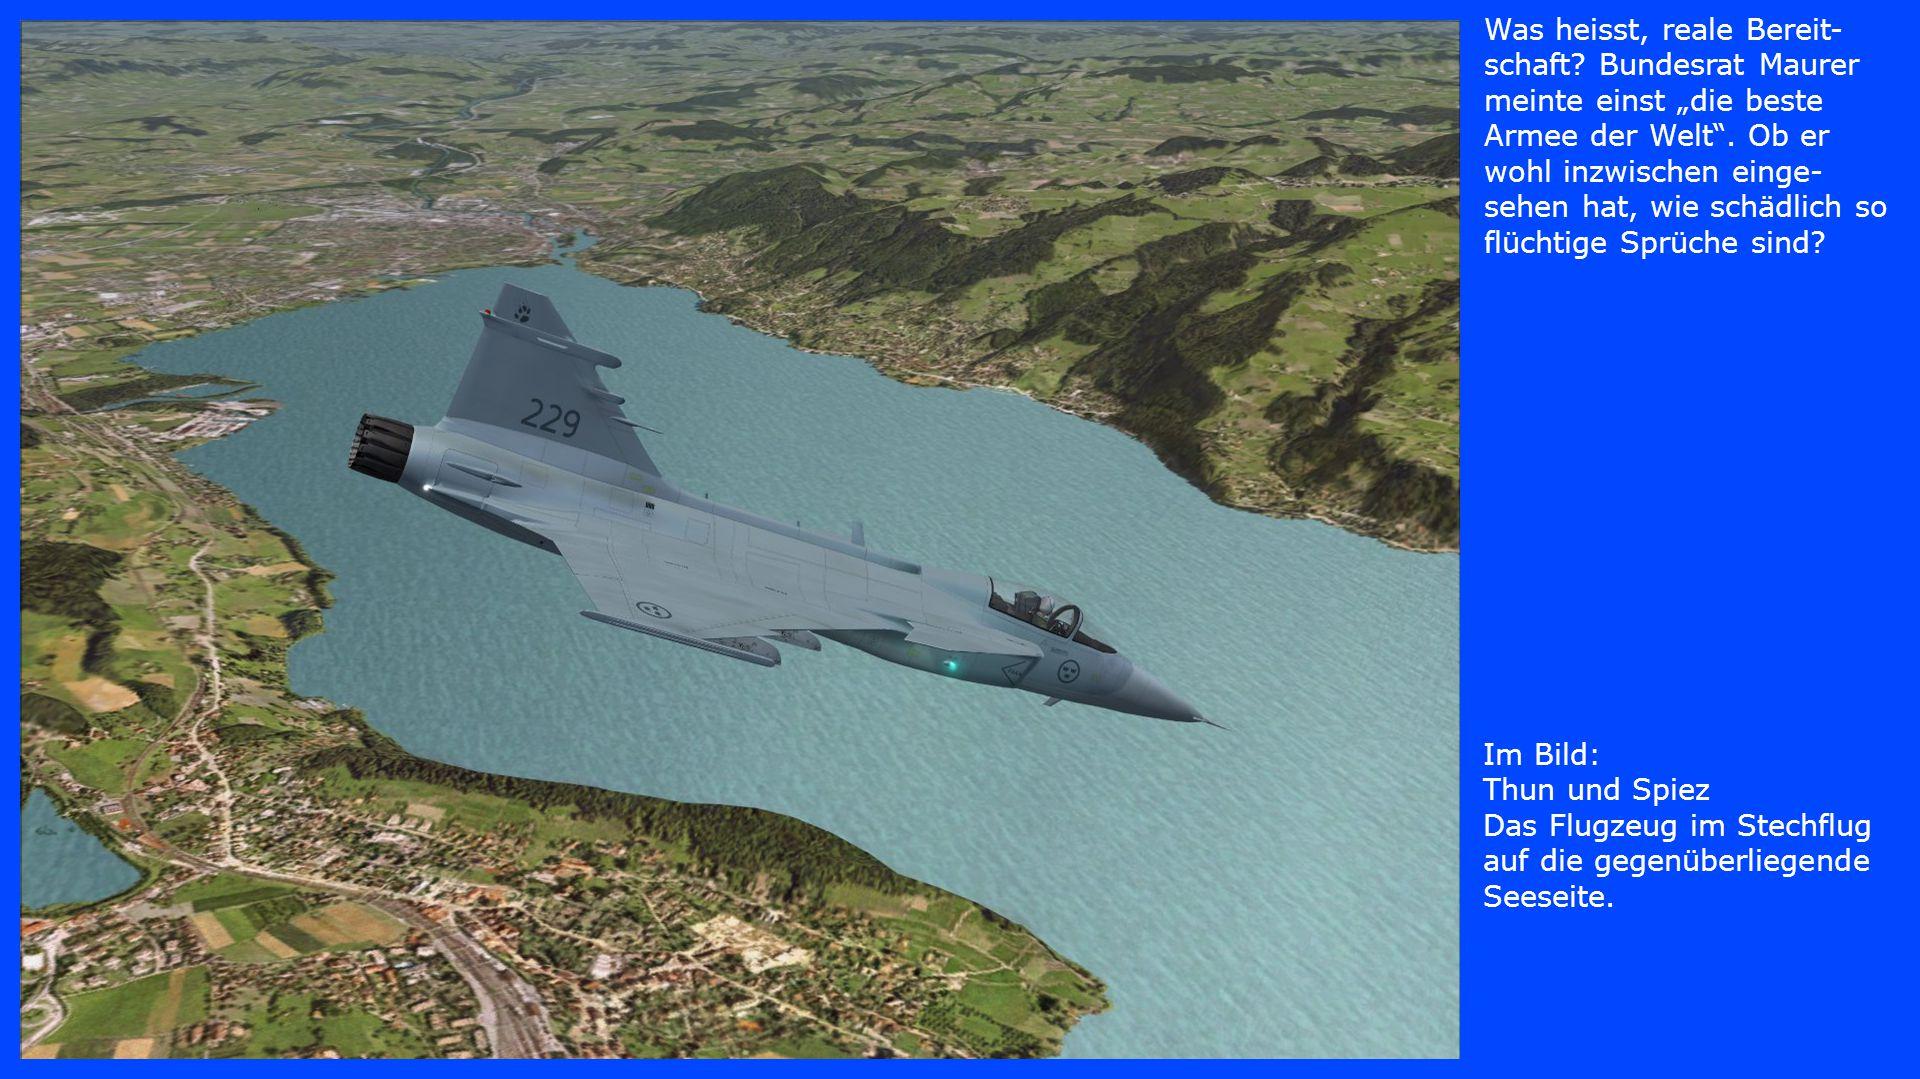 Im Bild: Thun und Spiez Das Flugzeug im Stechflug auf die gegenüberliegende Seeseite. Was heisst, reale Bereit- schaft? Bundesrat Maurer meinte einst